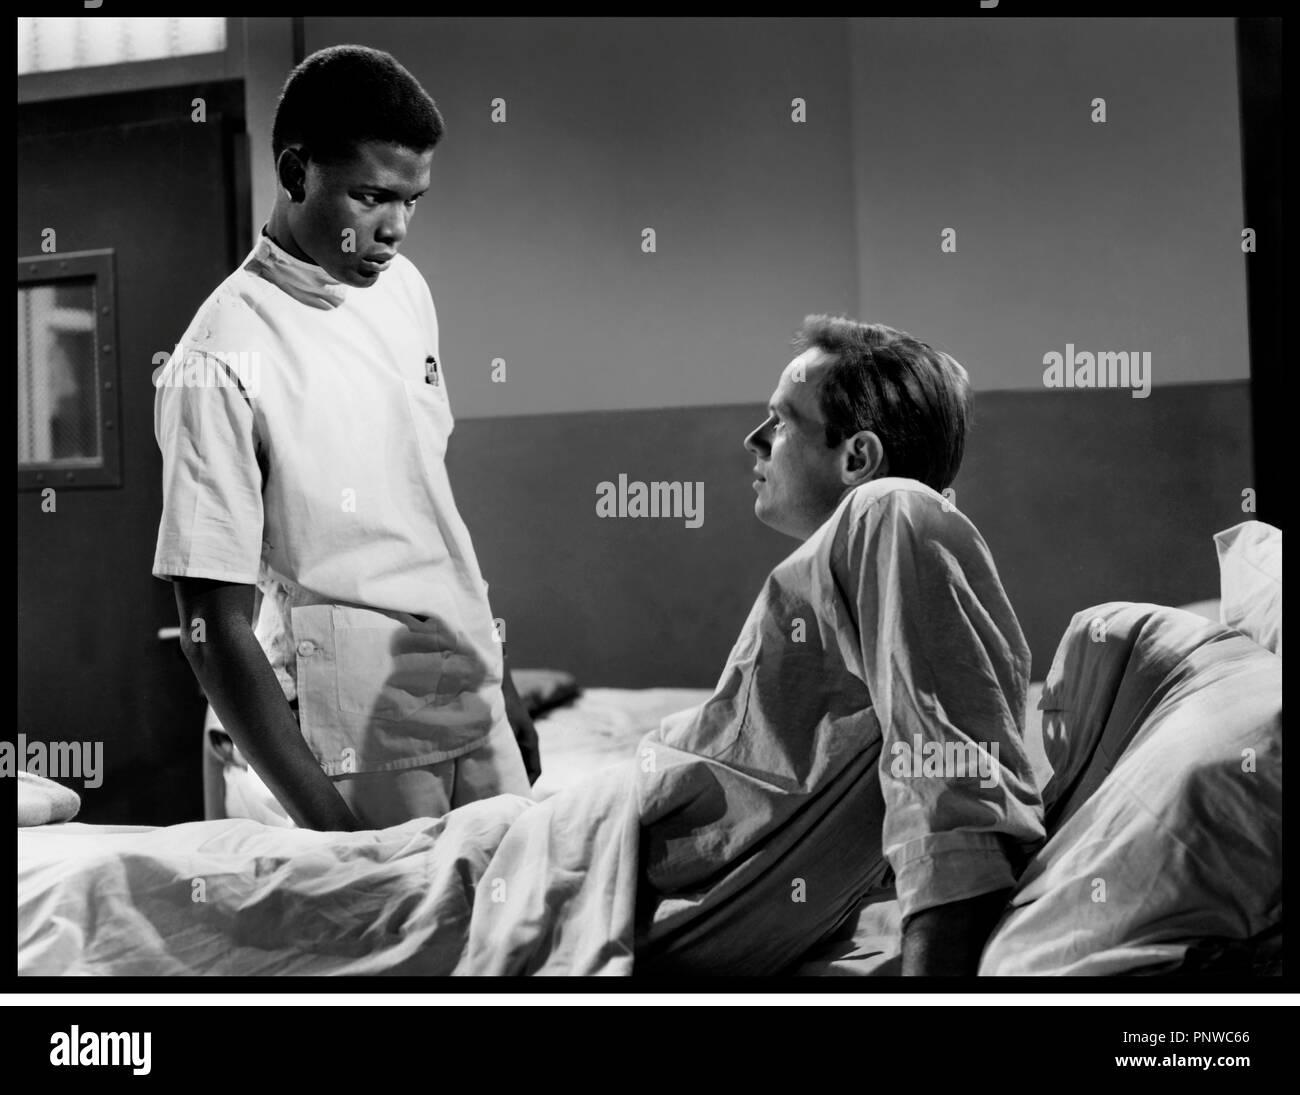 Prod DB © 20th Century Fox / DR LA PORTE S'OUVRE (NO WAY OUT) de Joseph L. Mankiewicz 1950 USA avec Sidney Poitier et Richard Widmark lit d'h™pital, infirmier - Stock Image